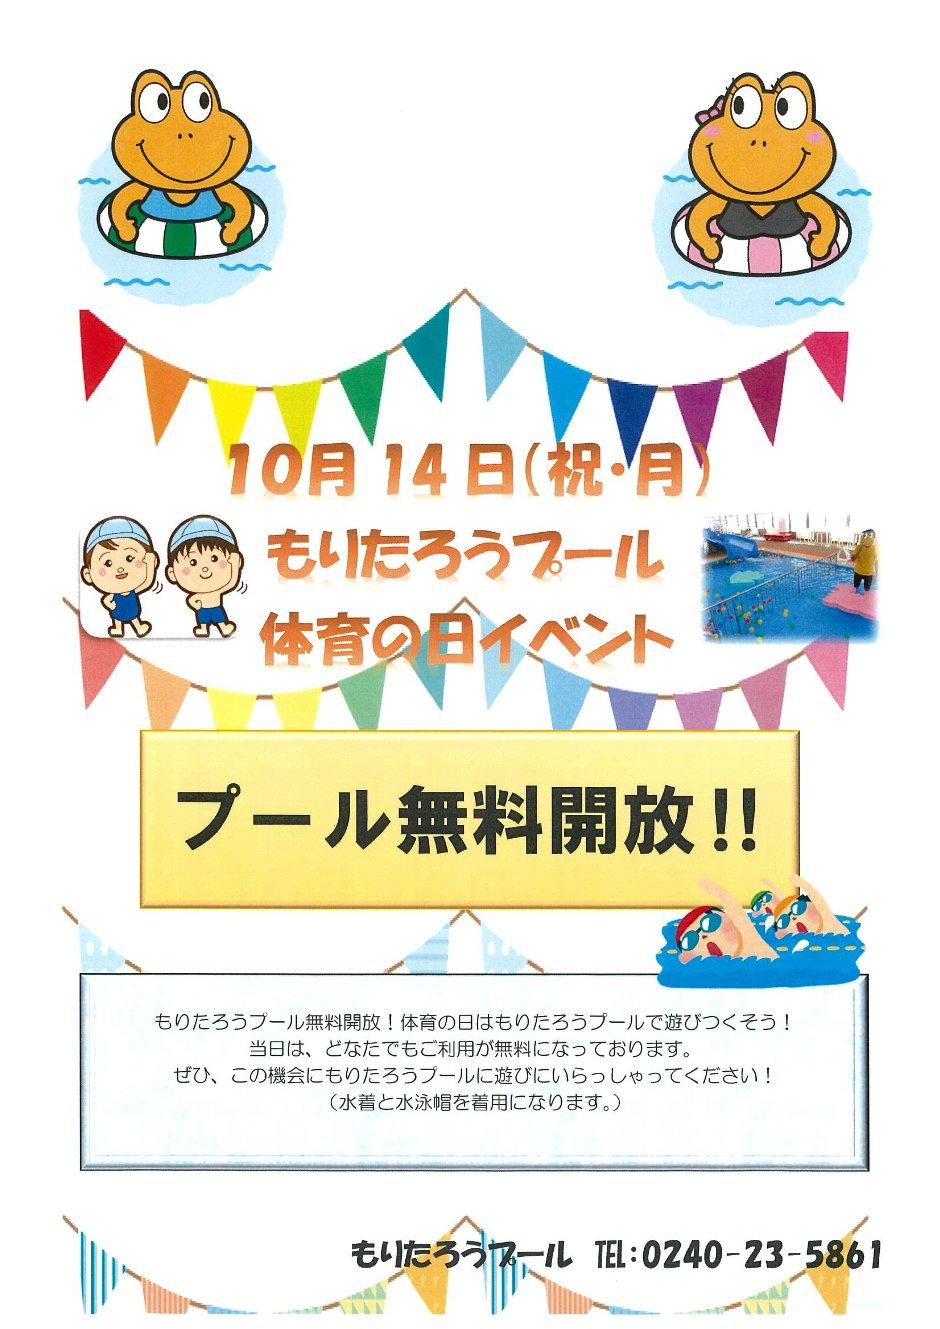 もりたろうプール体育の日イベント プール無料開放!! @ 川内村室内型村民プール(もりたろうプール)